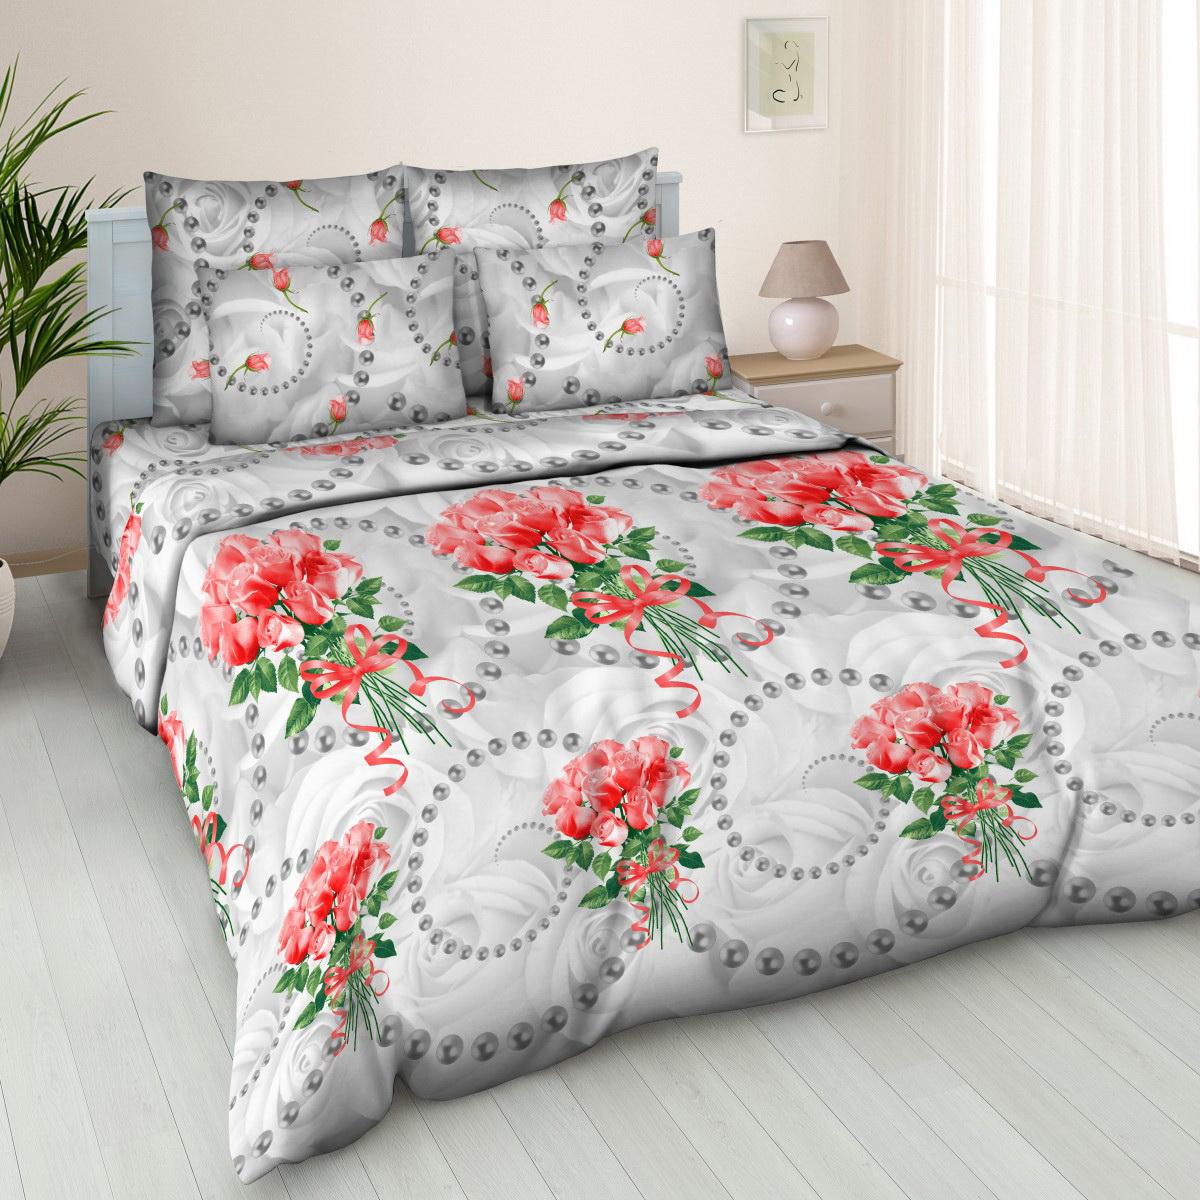 Комплект белья Cleo Жемчужная роза, 1,5-спальный, наволочки 70x7015/336-BКоллекция постельного белья из бязи CLEO – это классика сна. Вся коллекция выполнена из 100% хлопка, т.е. во время сна будет комфортно в любое время года! Благодаря пигментному способу нанесение печати, даже после многократных стирок (деликатный режим), постельное белье сохраняет свой первоначальный вид.Постельное белье из бязи имеет ряд уникальных свойств: экологичность, гипоаллергенность, благодаря особому способу переплетения нитей в полотне, обеспечивается особая плотность ткани, что делает ее устойчивой к износу, сохраняется внешний вид на долгие годы, загрязнения прекрасно отстирываются любыми средствами, не садится, легко гладится, не накапливает статического электричества, благодаря составу из 100% хлопка, обладает исключительной терморегуляцией. Комплект состоит из пододеяльника, двух наволочек и простыни.